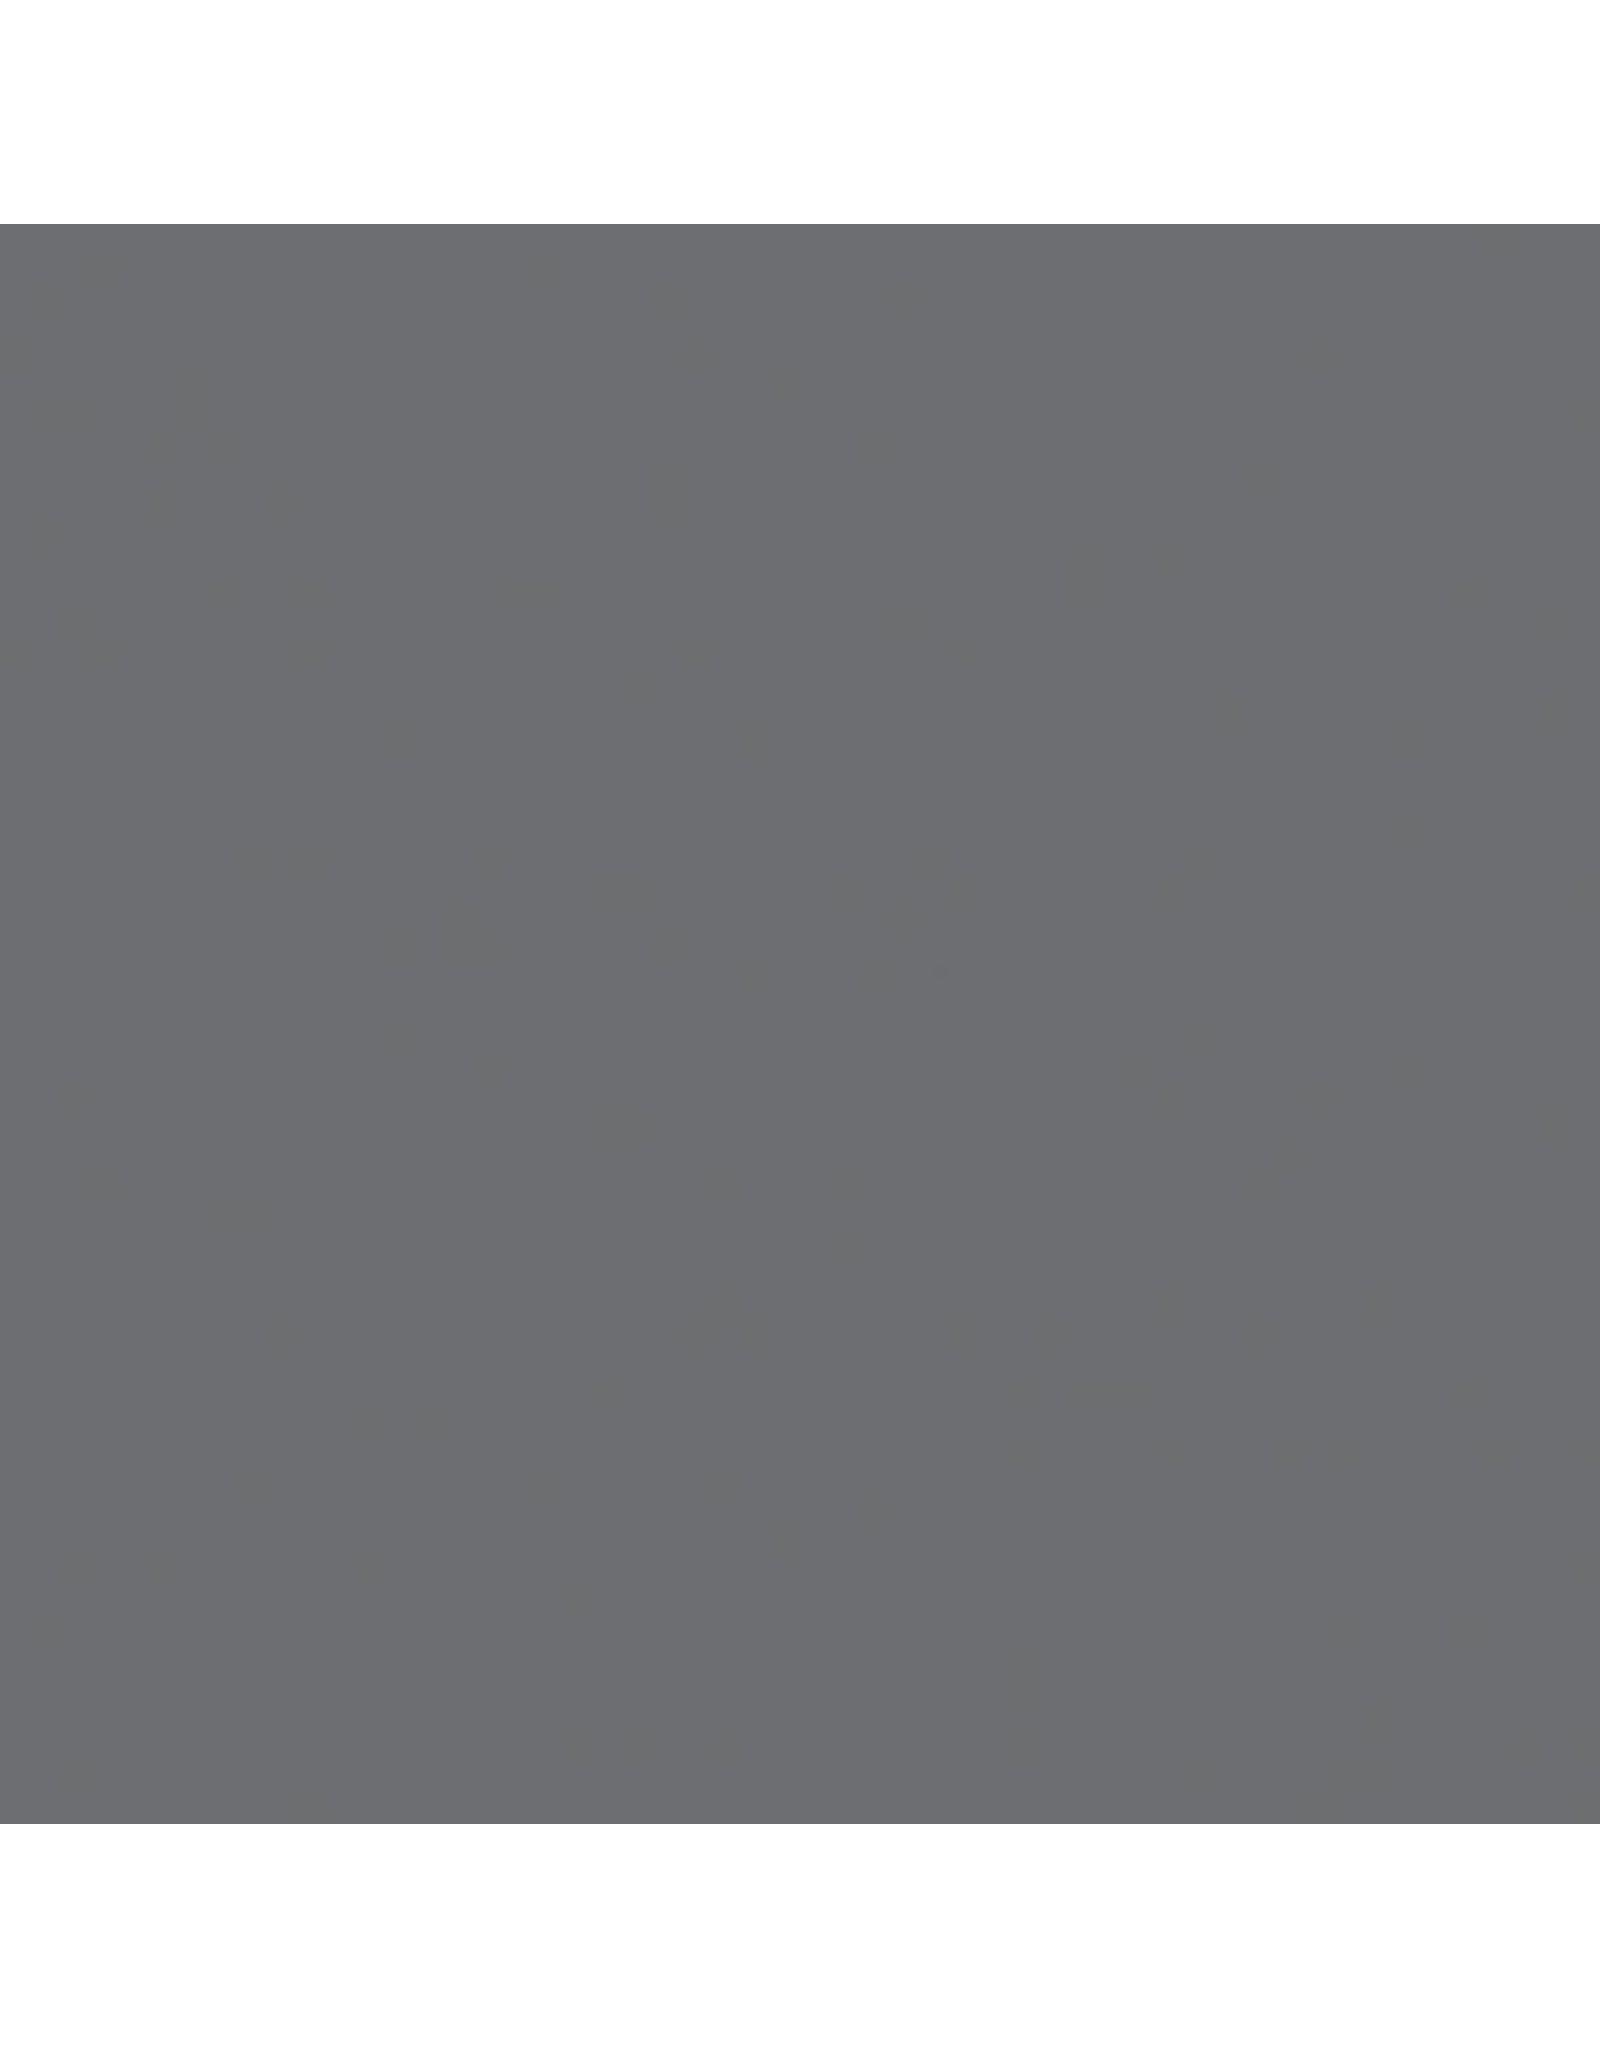 Northcott Colorworks - Slate